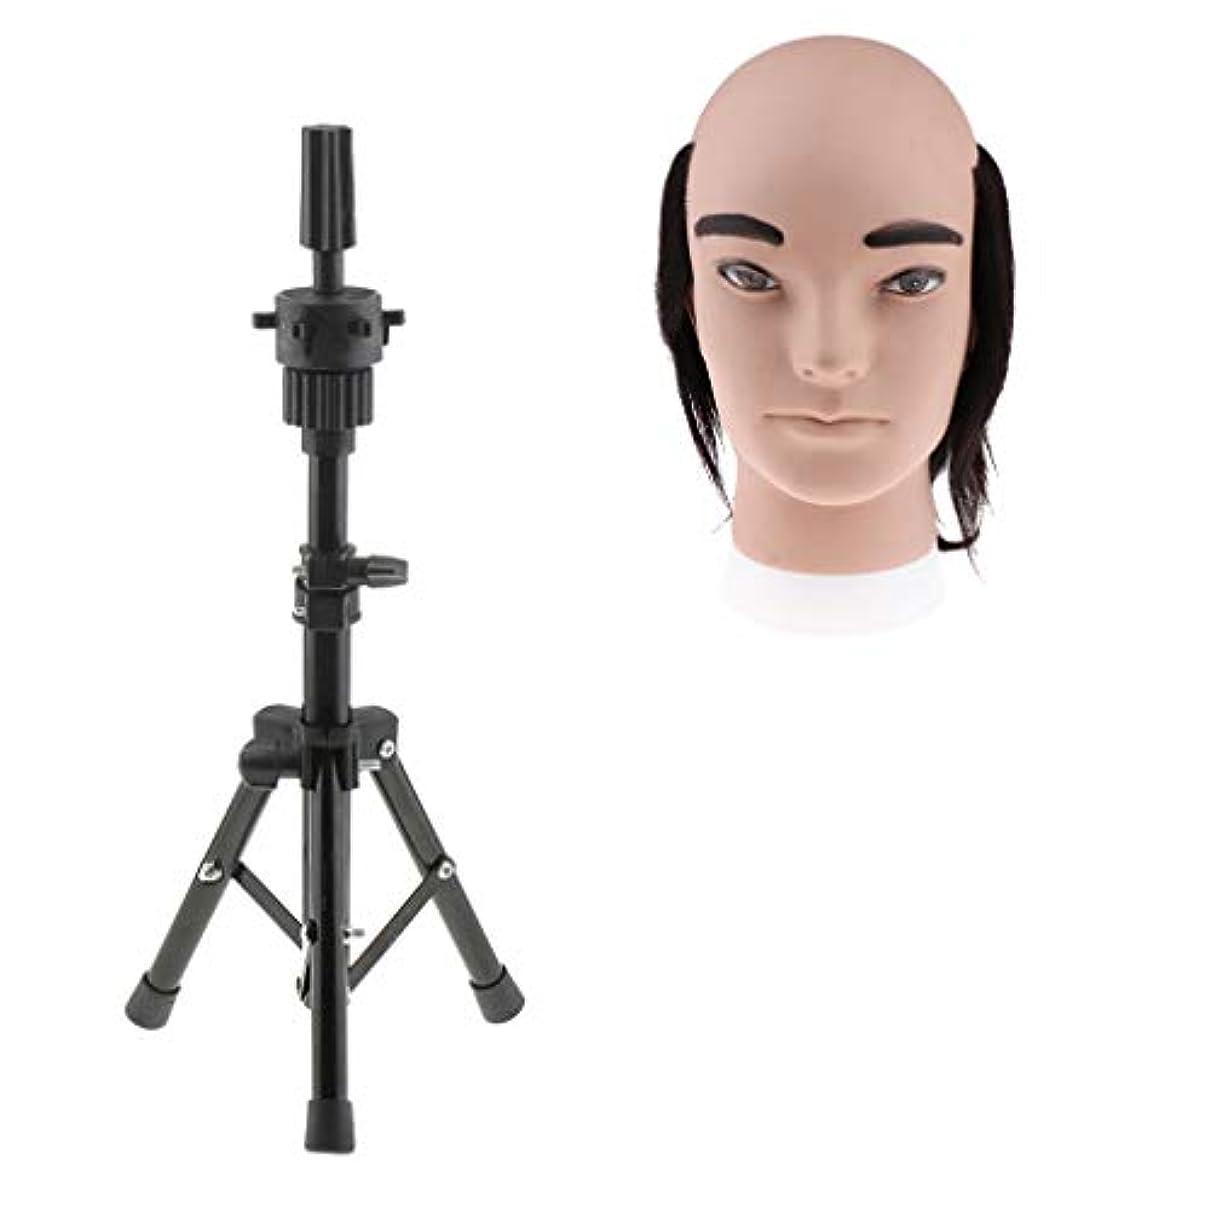 頼む超えるパンフレットCUTICATE 人間の髪毛 男性 マネキン トレーニング マネキン美容人形 人形の頭付き三脚ホルダー